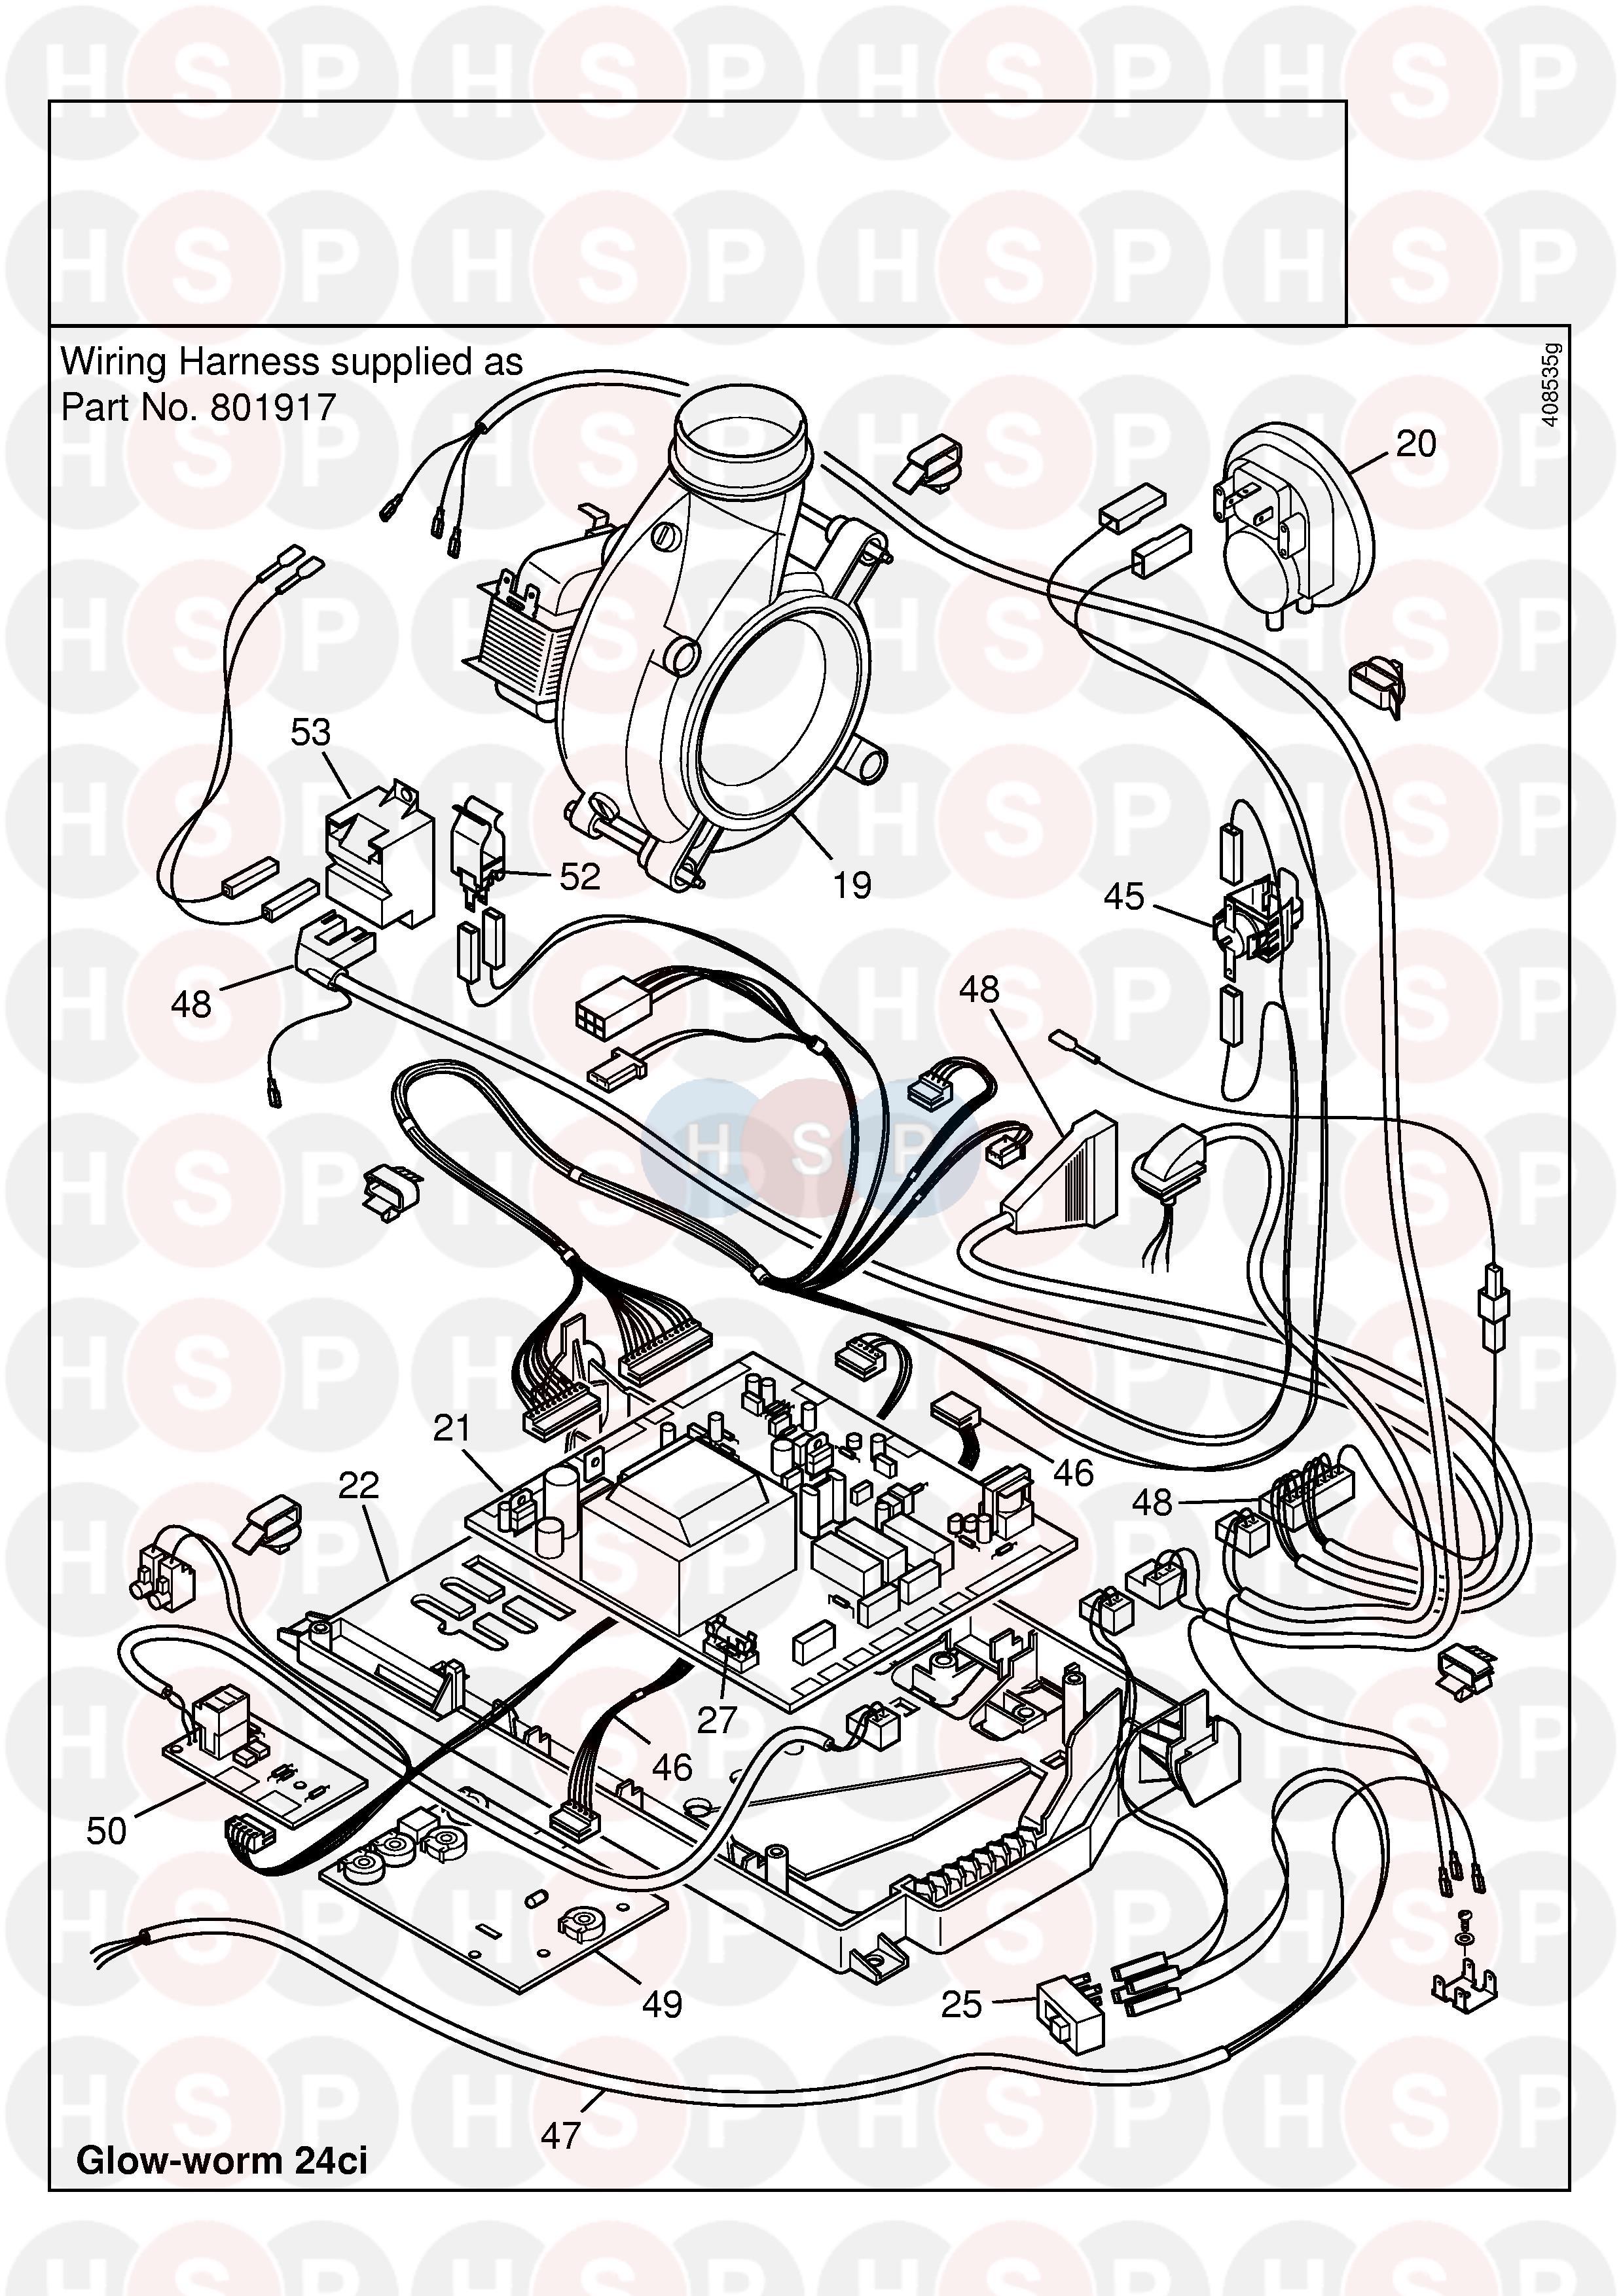 Glowworm GLOWWORM 24CI (PCB) Diagram | Heating Spare Parts